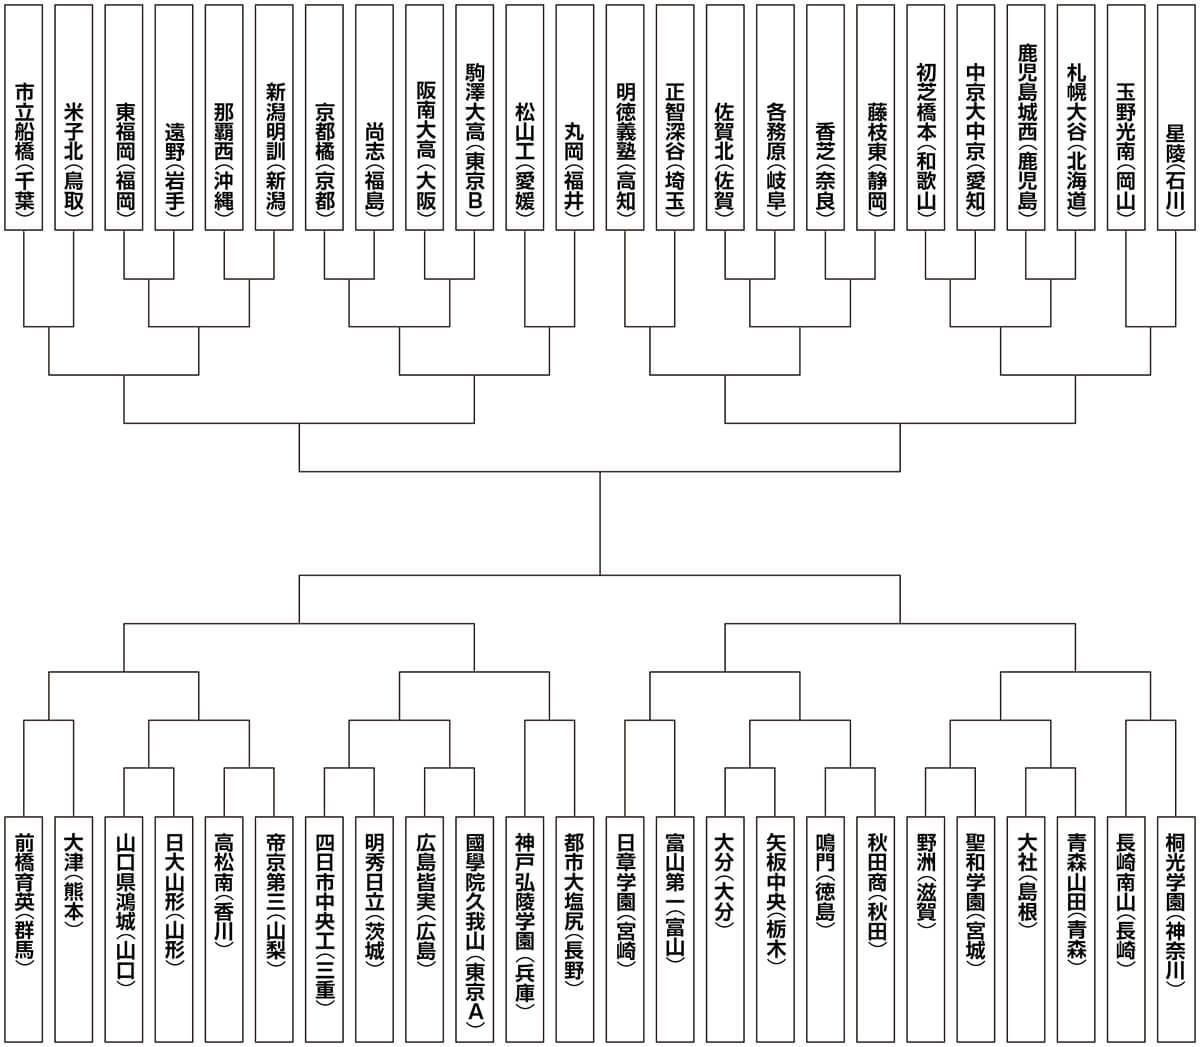 第94回全国高等学校サッカー選手権大会トーナメント表